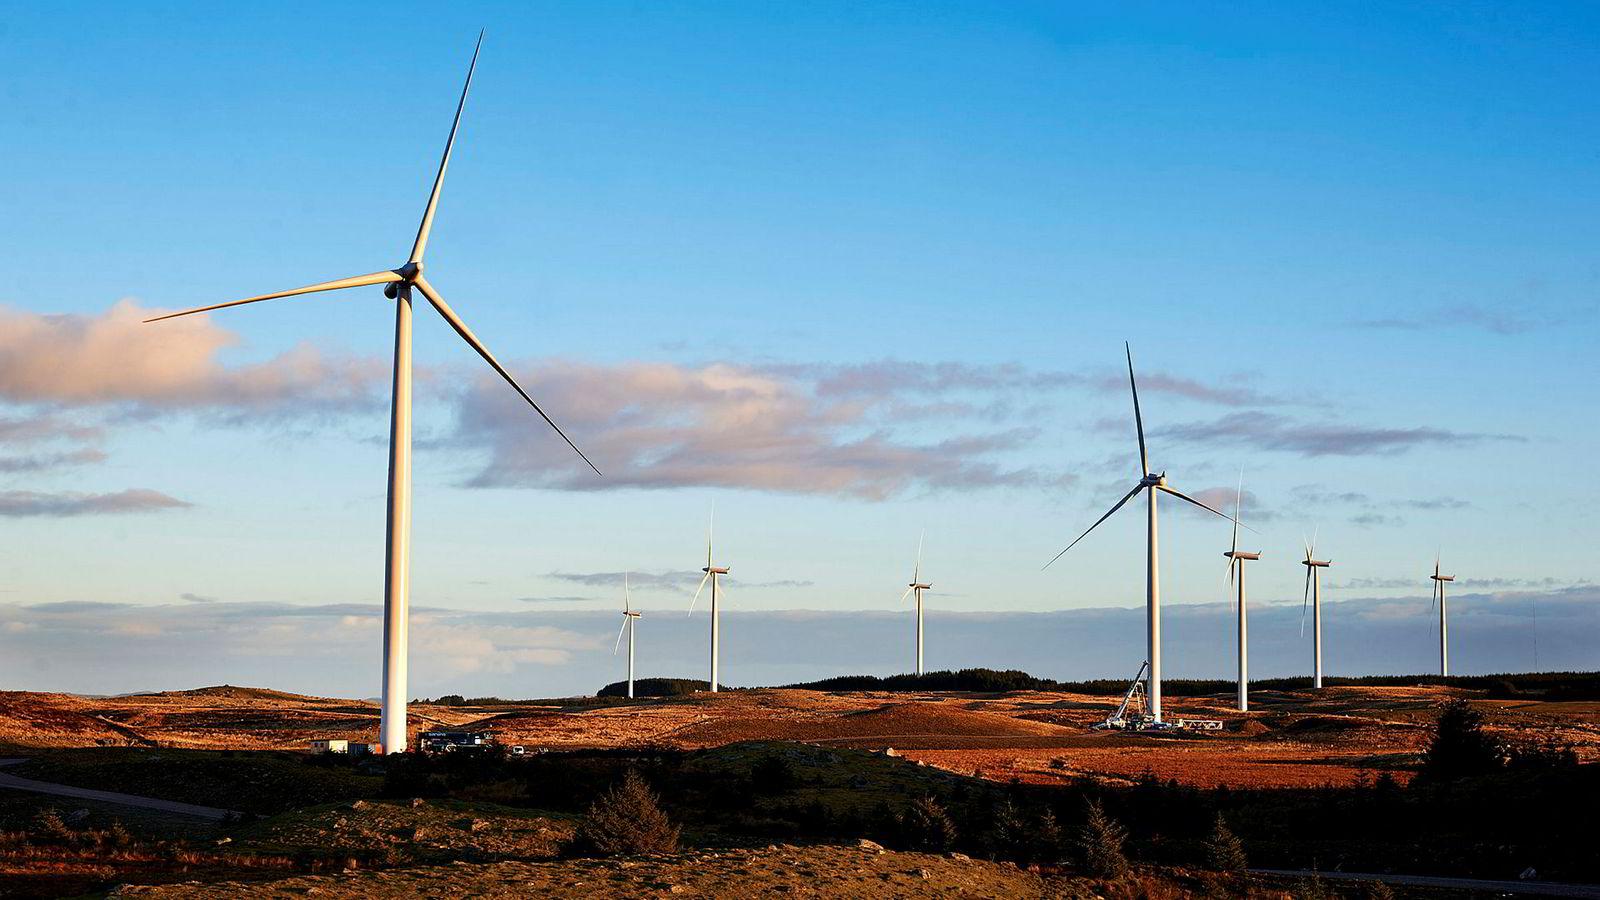 Arbeiderpartiet fremmer et forslag som vil gjøre investering i fornybar energi mindre lønnsomt.